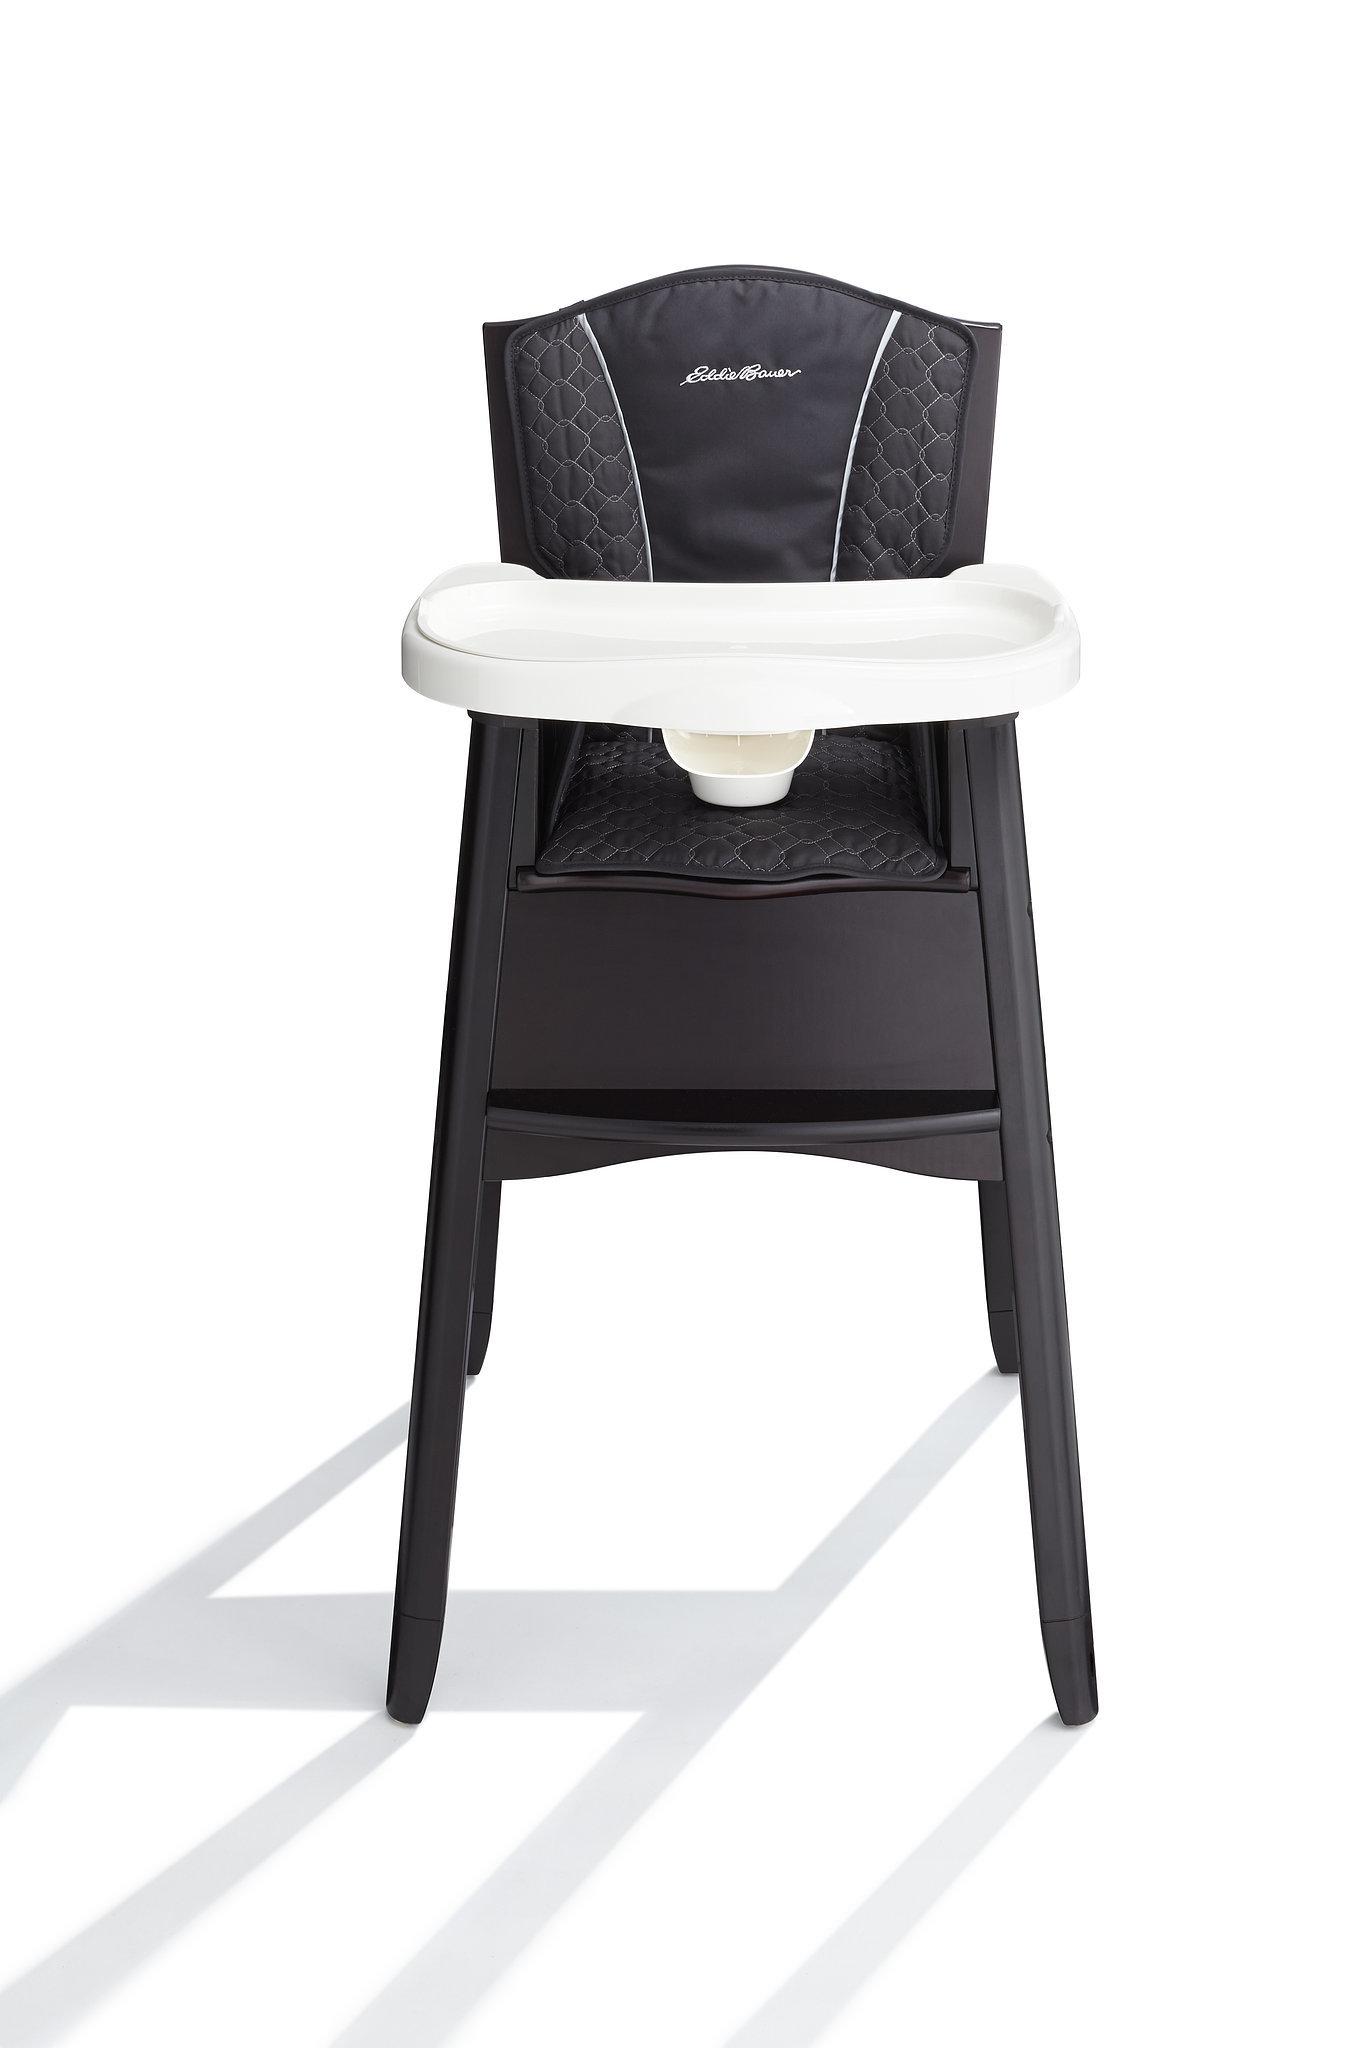 Eddie Bauer High Chairs Eddie Bauer Wooden High Chair Three-in-one wood high chair